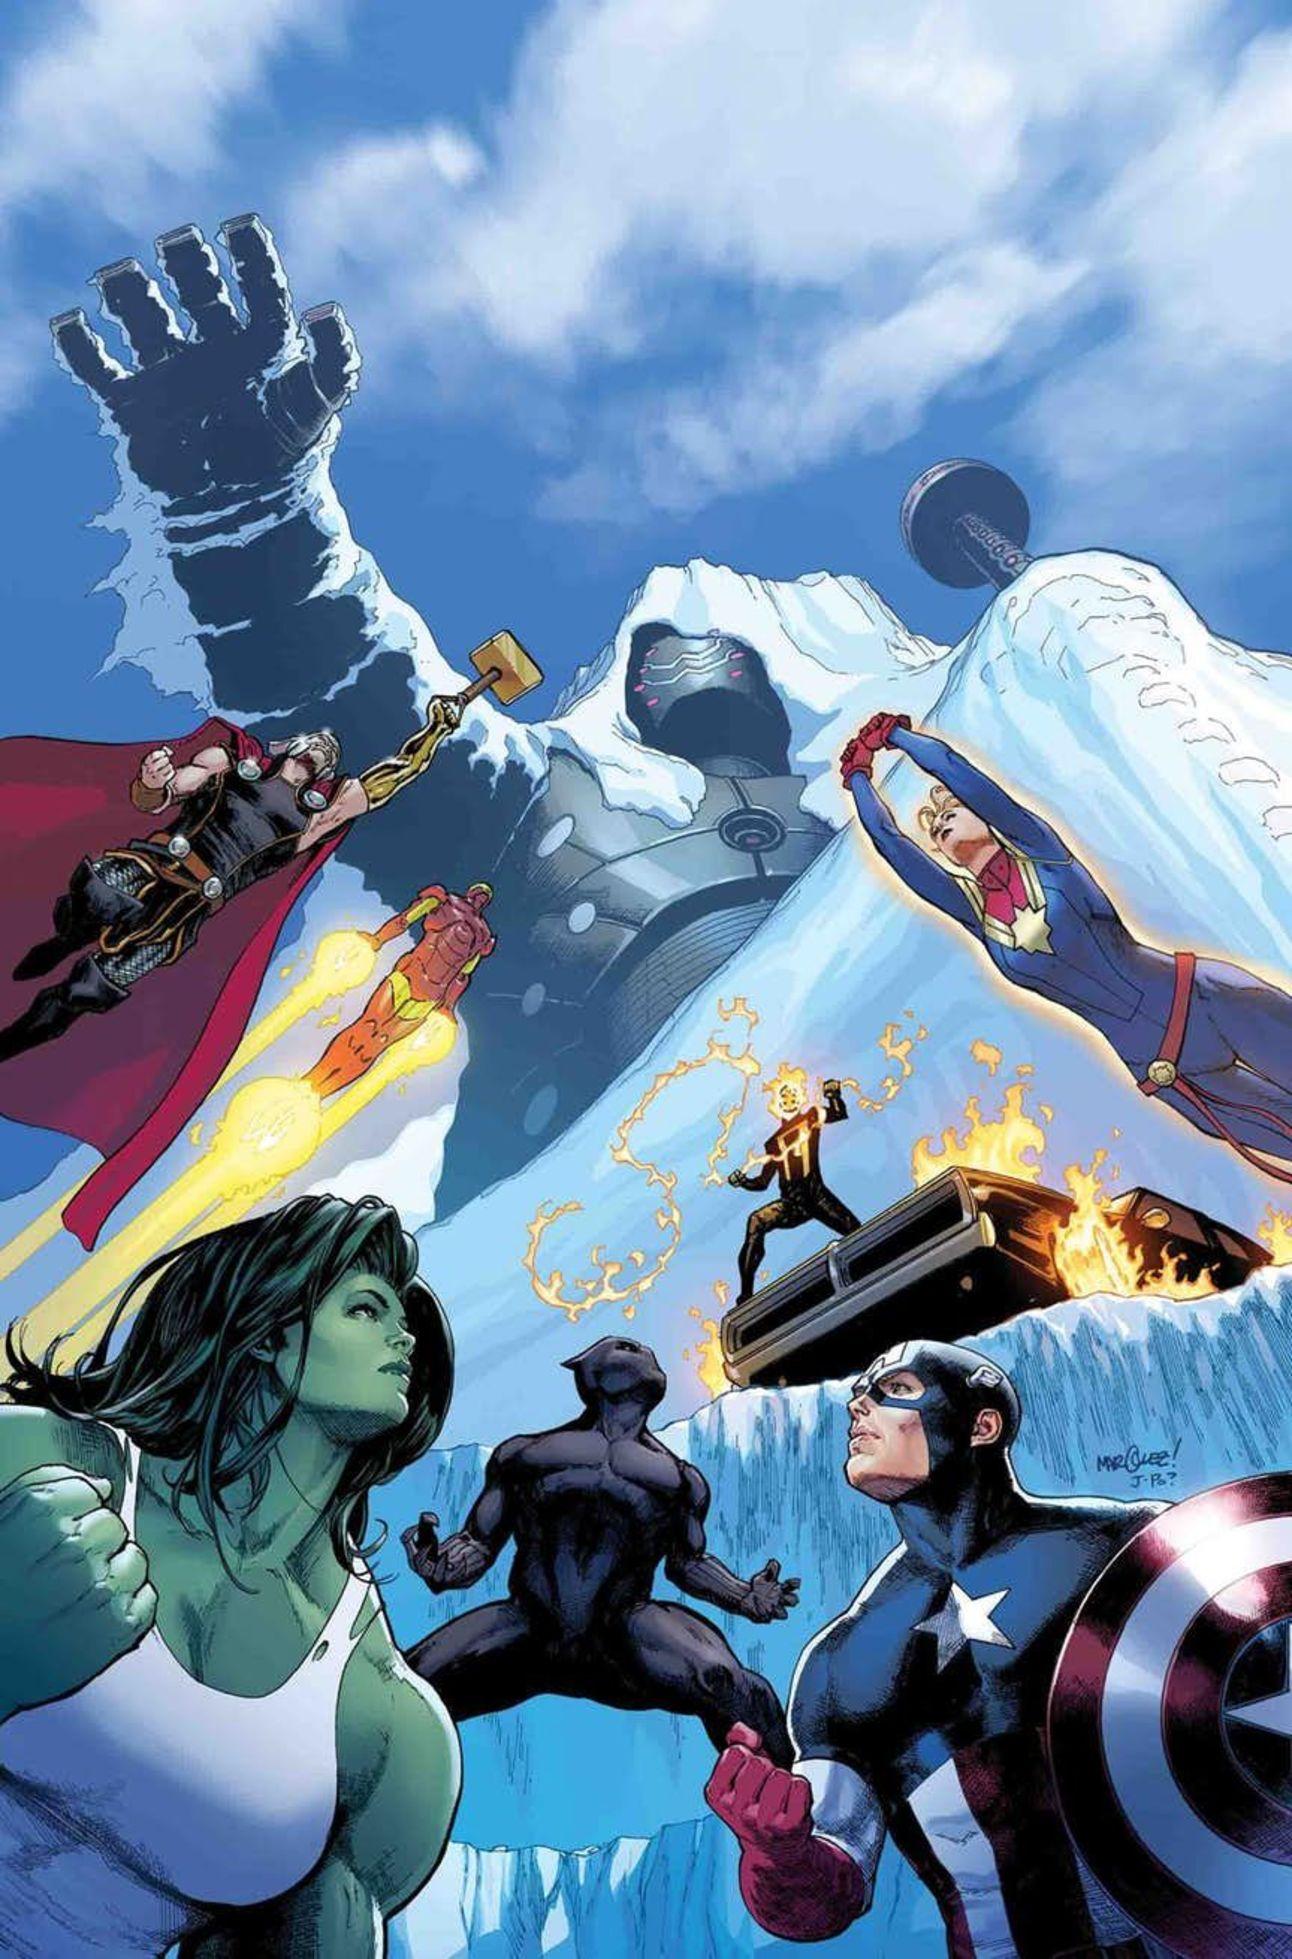 MarvelSeptember12